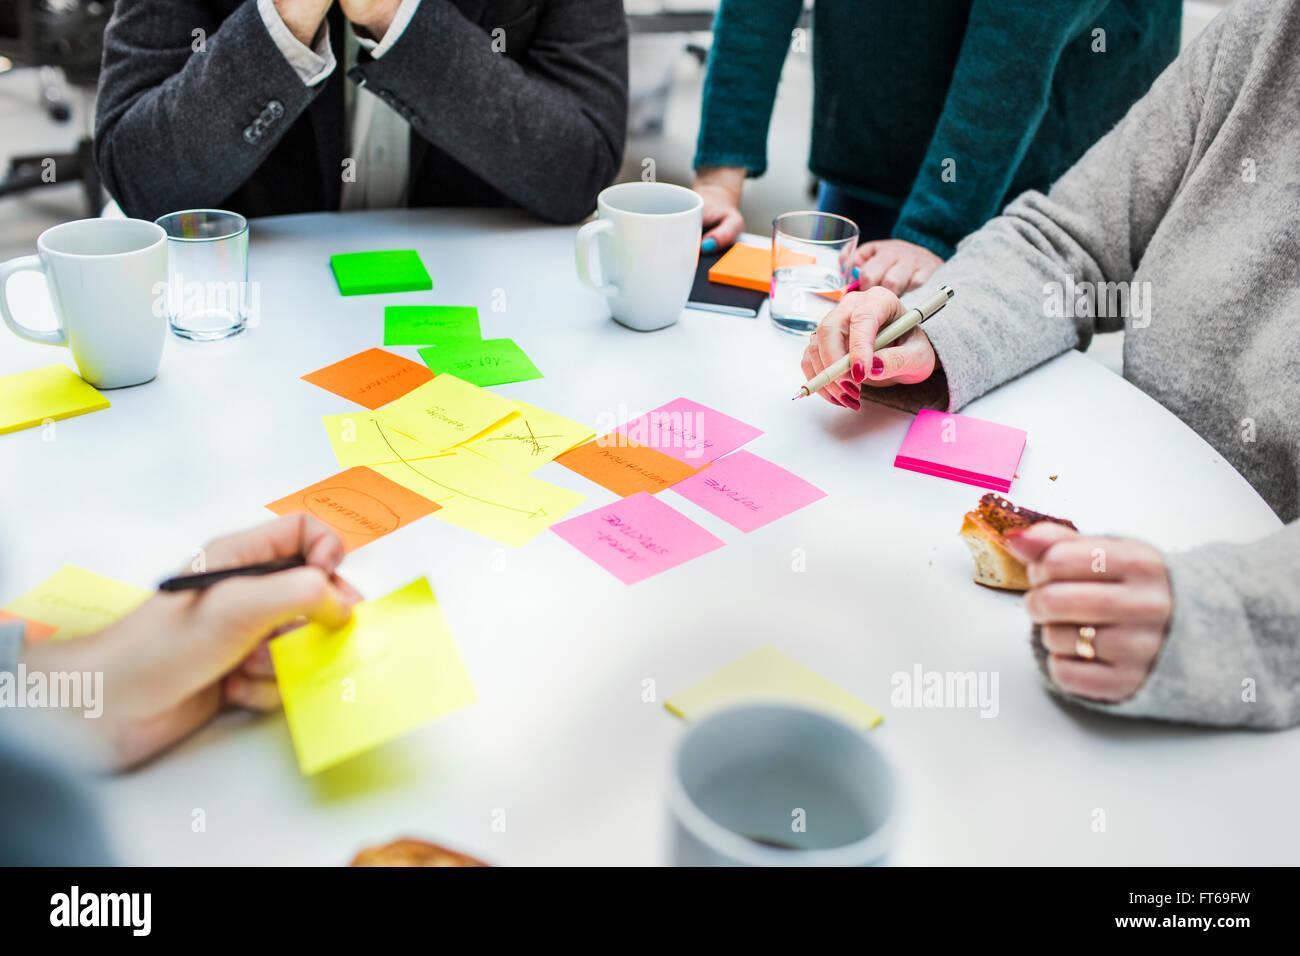 Bild von Geschäftsleuten mit Klebstoff Noten am Tisch im Kreativbüro beschnitten Stockbild